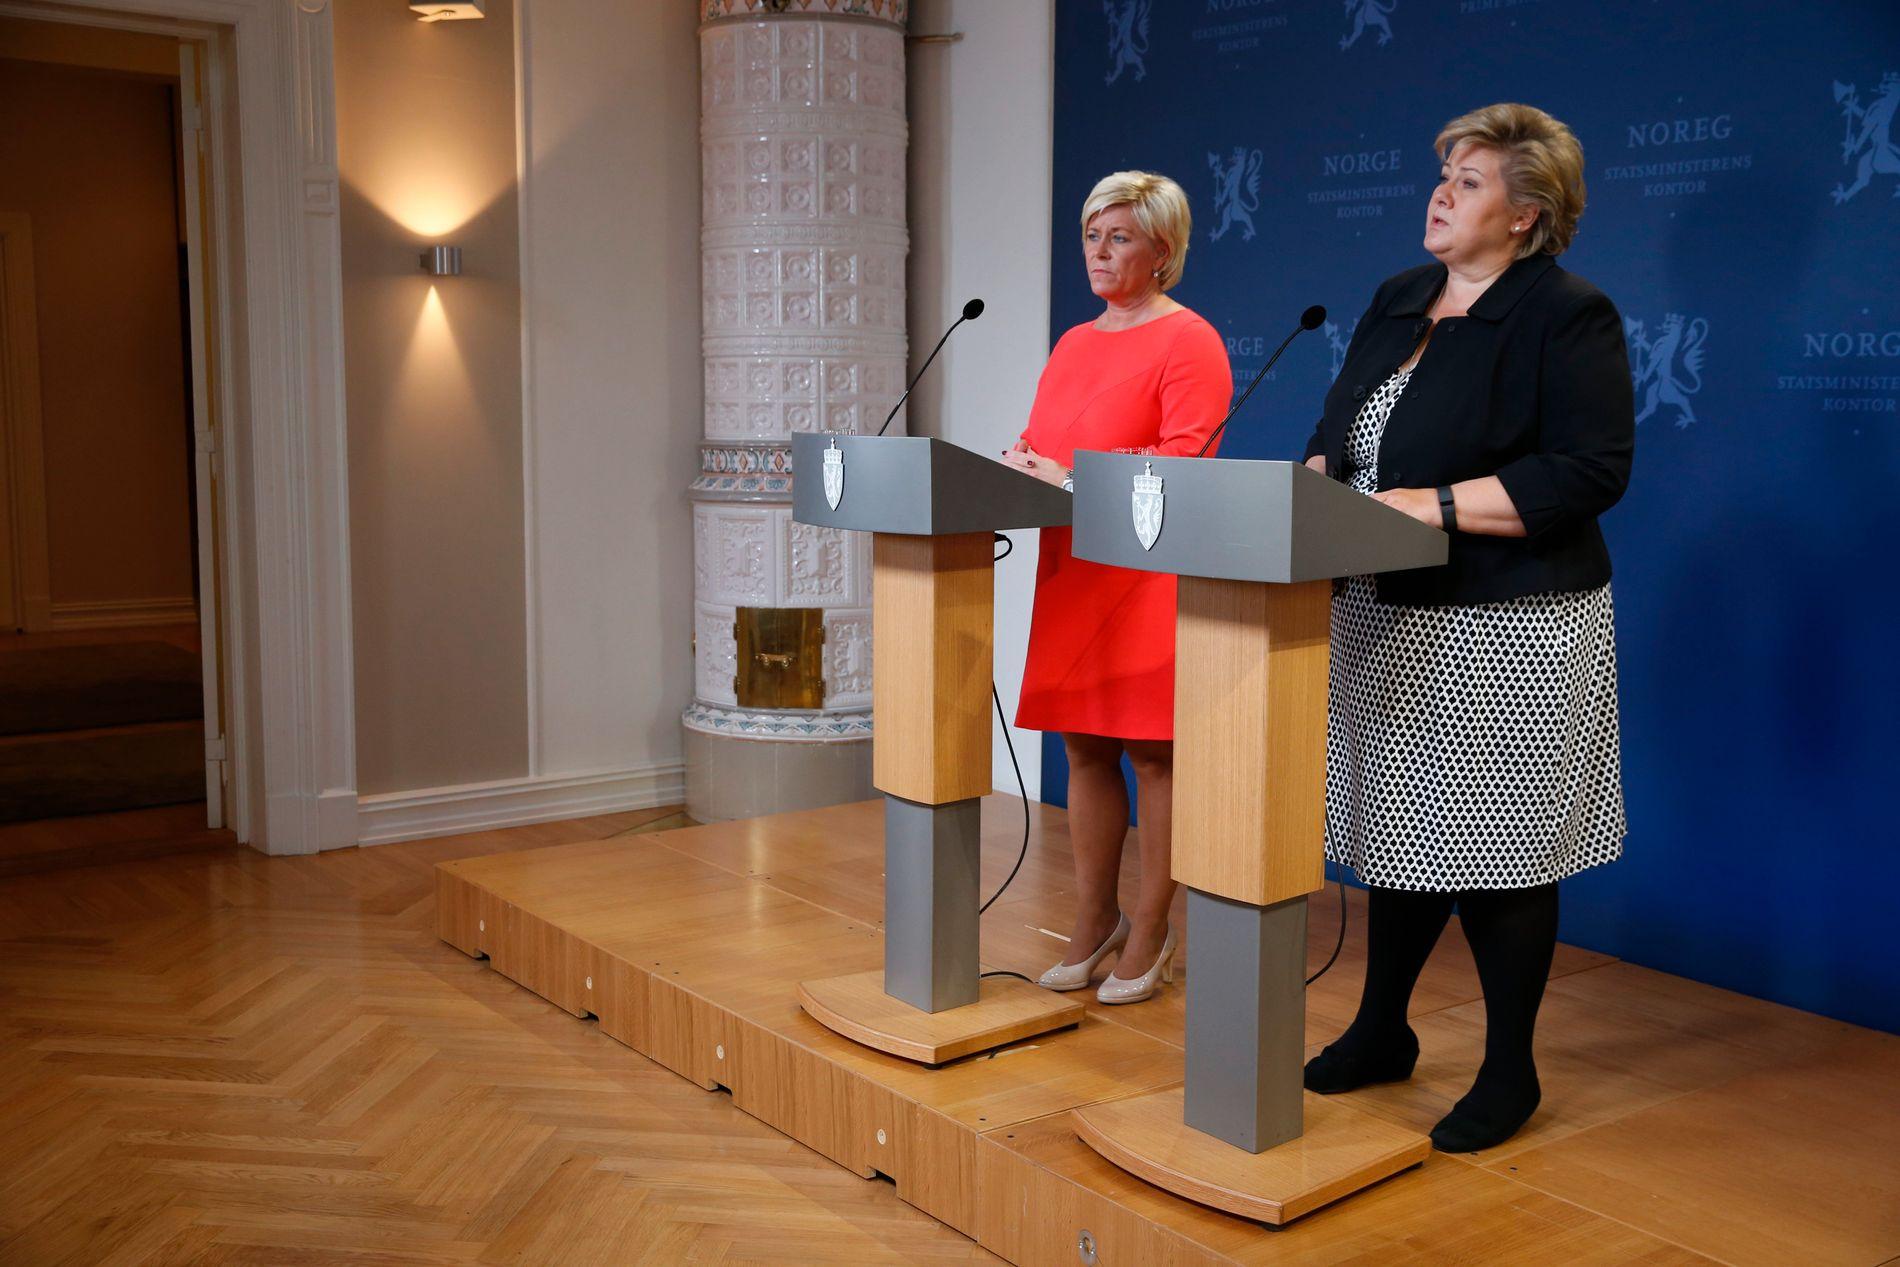 ULTIMATUM: Finansminister Siv Jensen (Frp) og statsminister Erna Solberg (H) presenterte endringer i bilavgiftene i dag. De er ikke villige til å gå lengre, og stiller dermed ultimatum overfor KrF og Venstre. Det kan felle regjeringen.